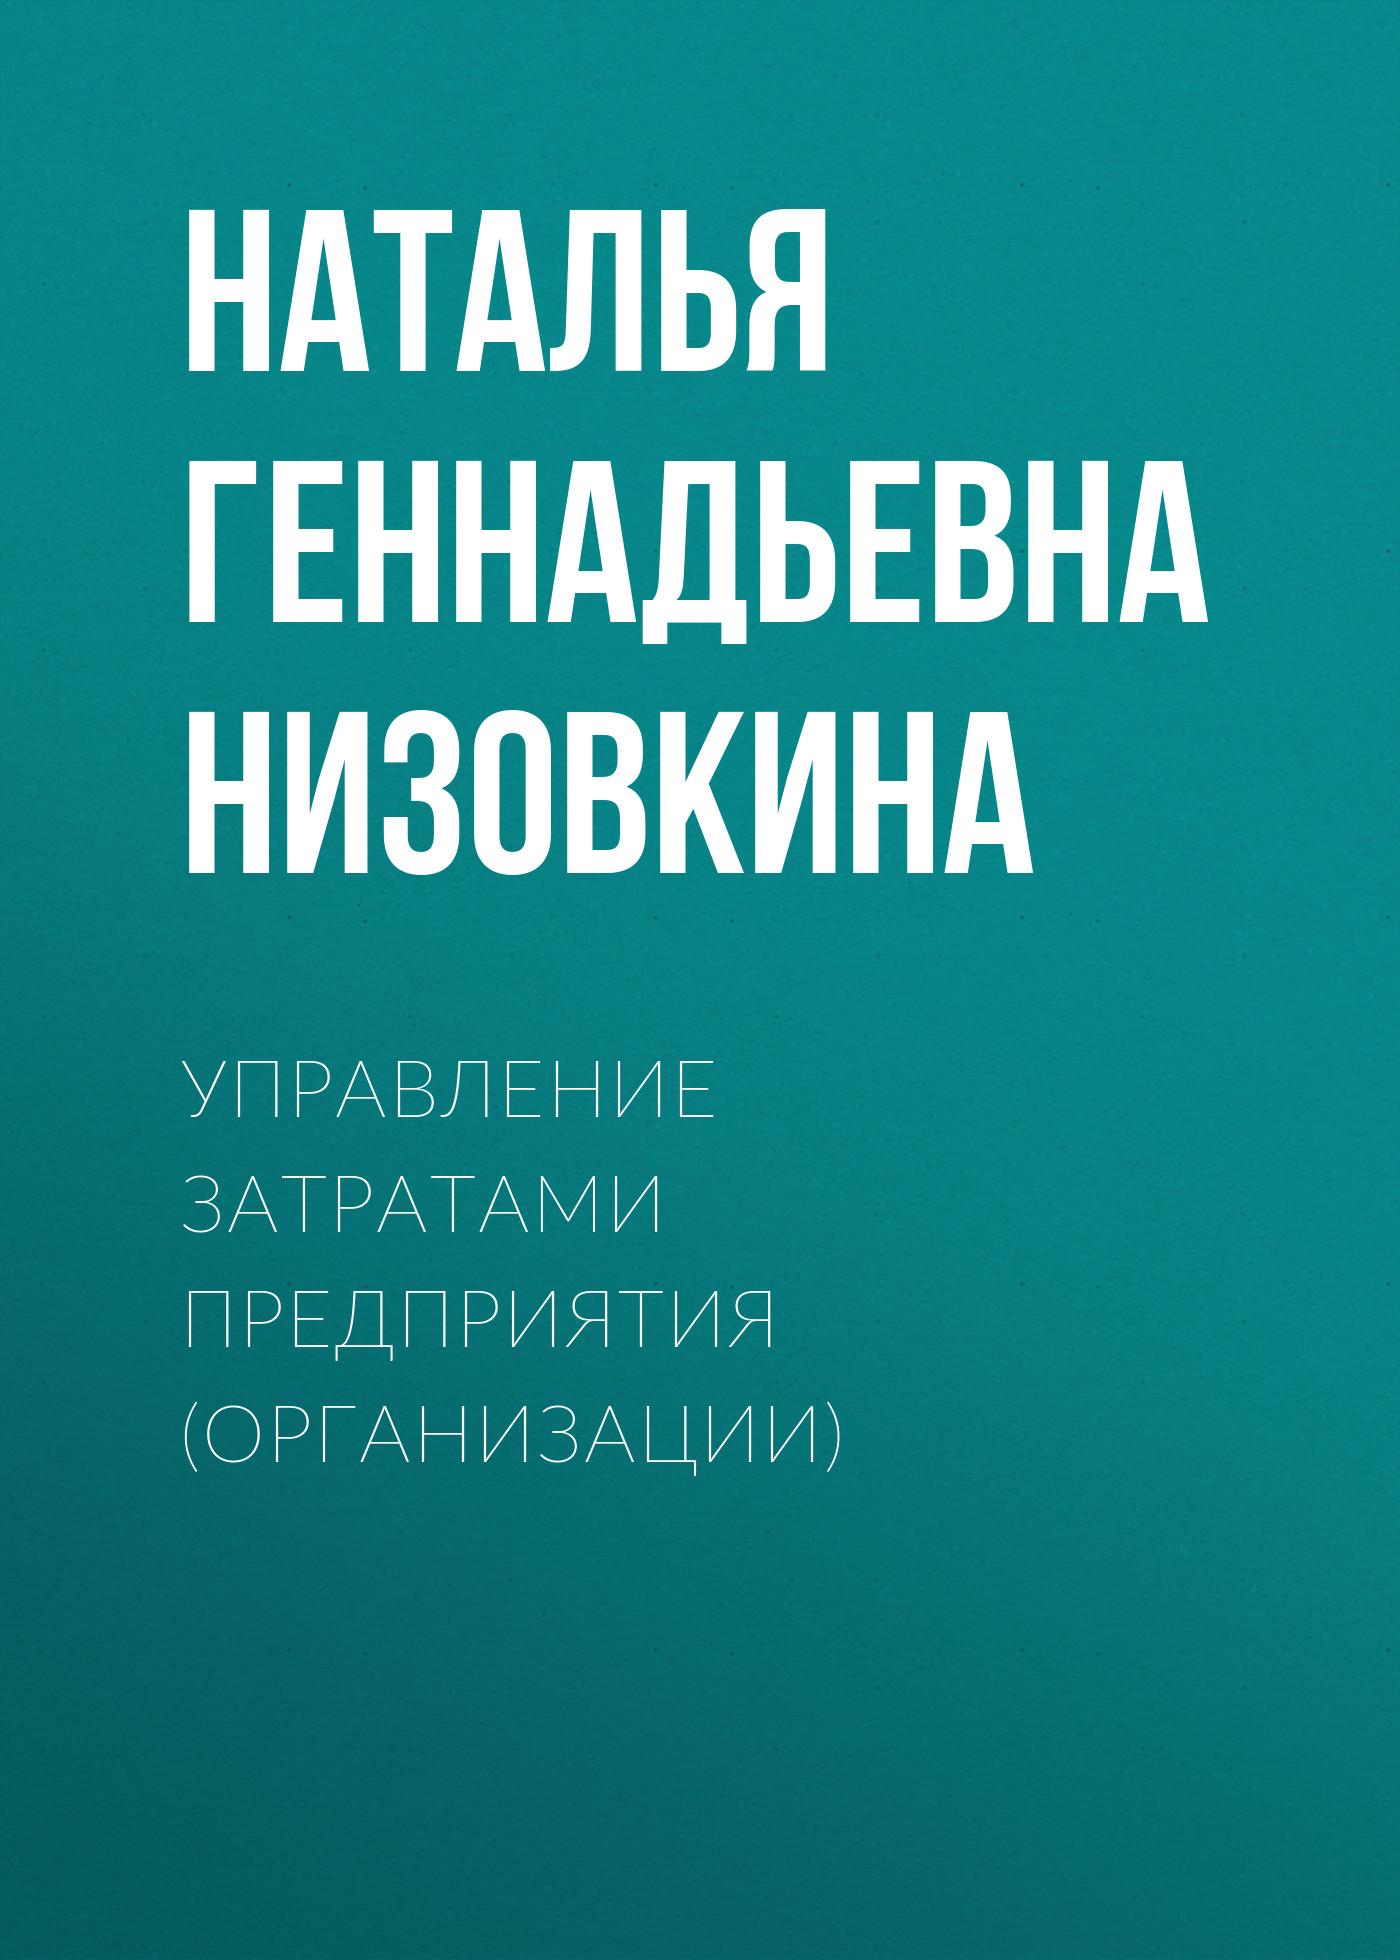 Наталья Геннадьевна Низовкина Управление затратами предприятия (организации) в д грибов экономика организации предприятия практикум